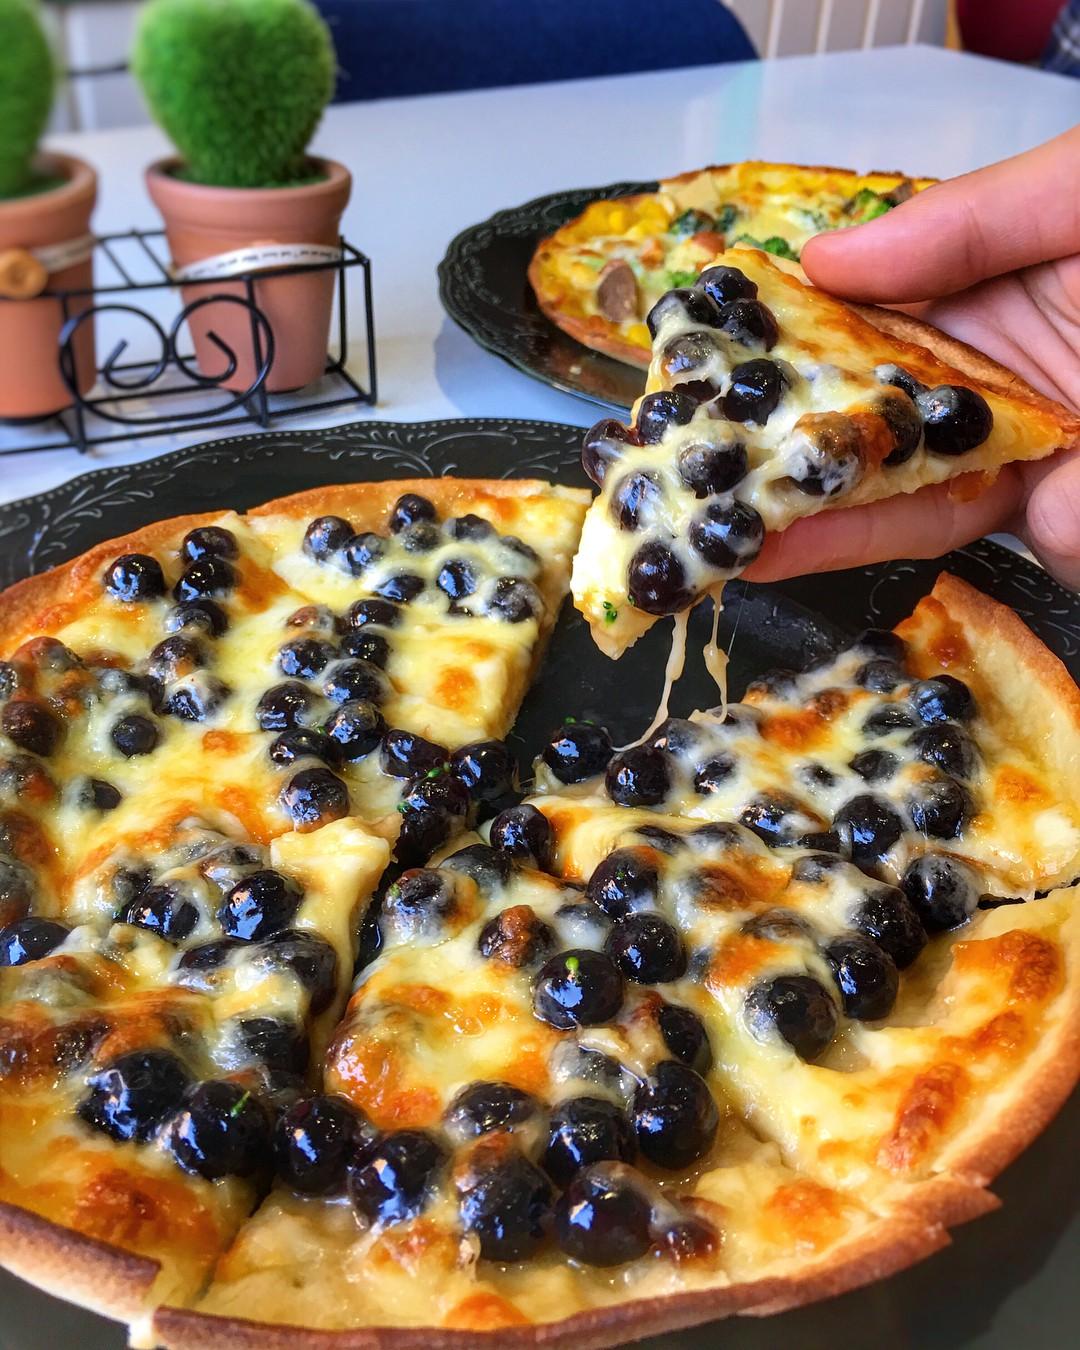 Đây là chiếc bánh pizza đang hot nhất Đài Loan mà chắc chắn các tín đồ trà sữa phải điên đảo - Ảnh 1.